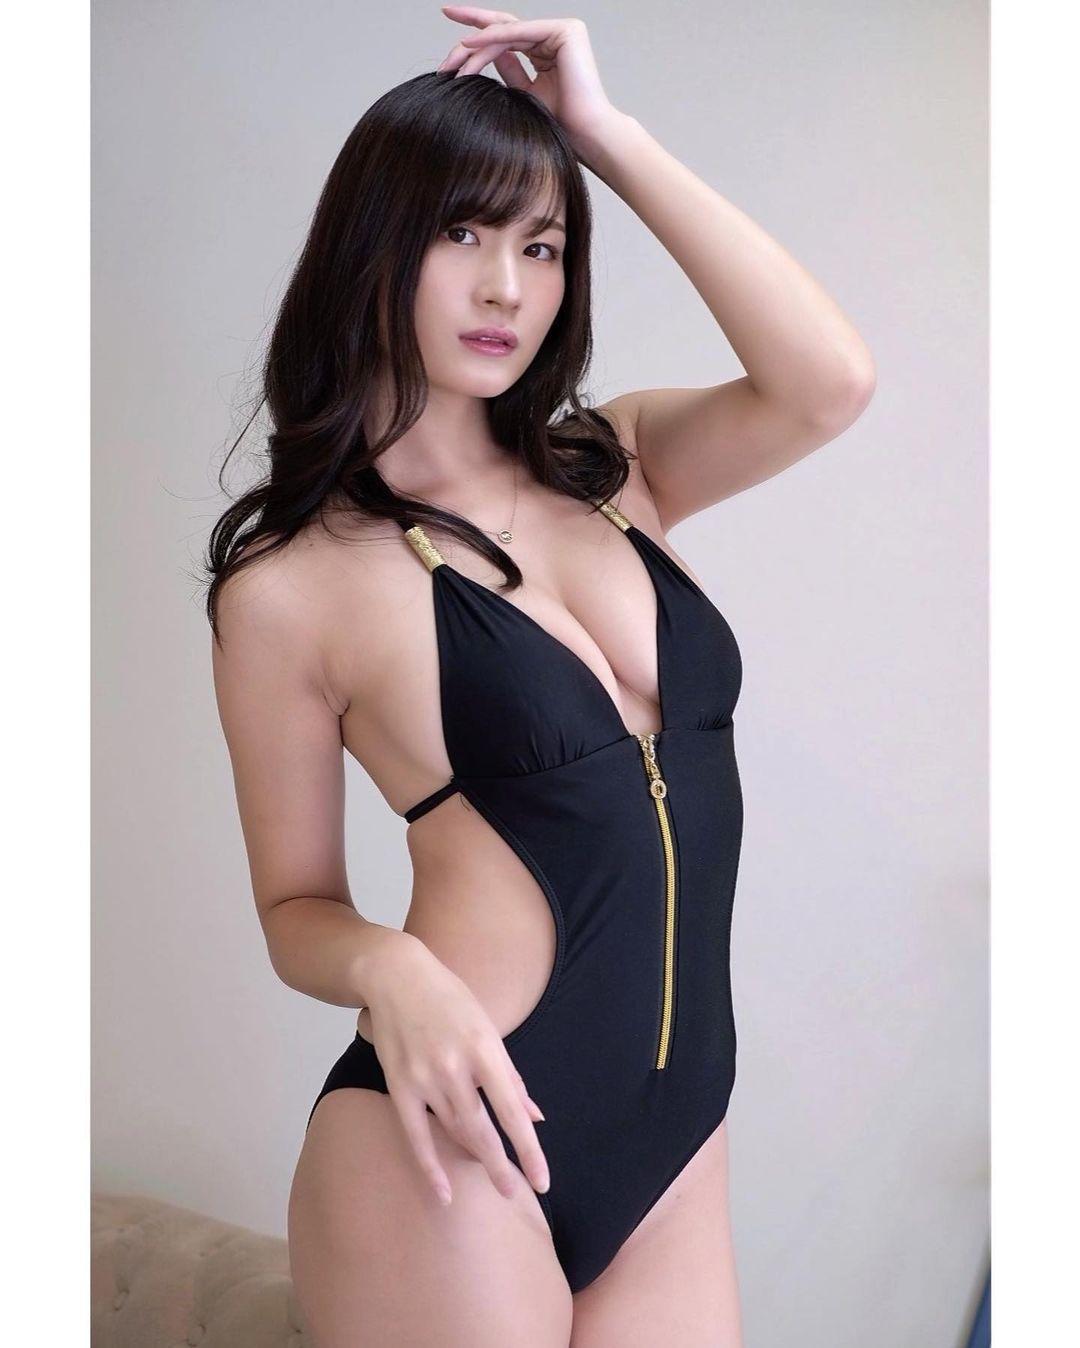 「この写真なんか自分らしくてめっちゃ好き」ハイレグ水着姿でファンを魅了【清瀬汐希さん/2021年9月27日】